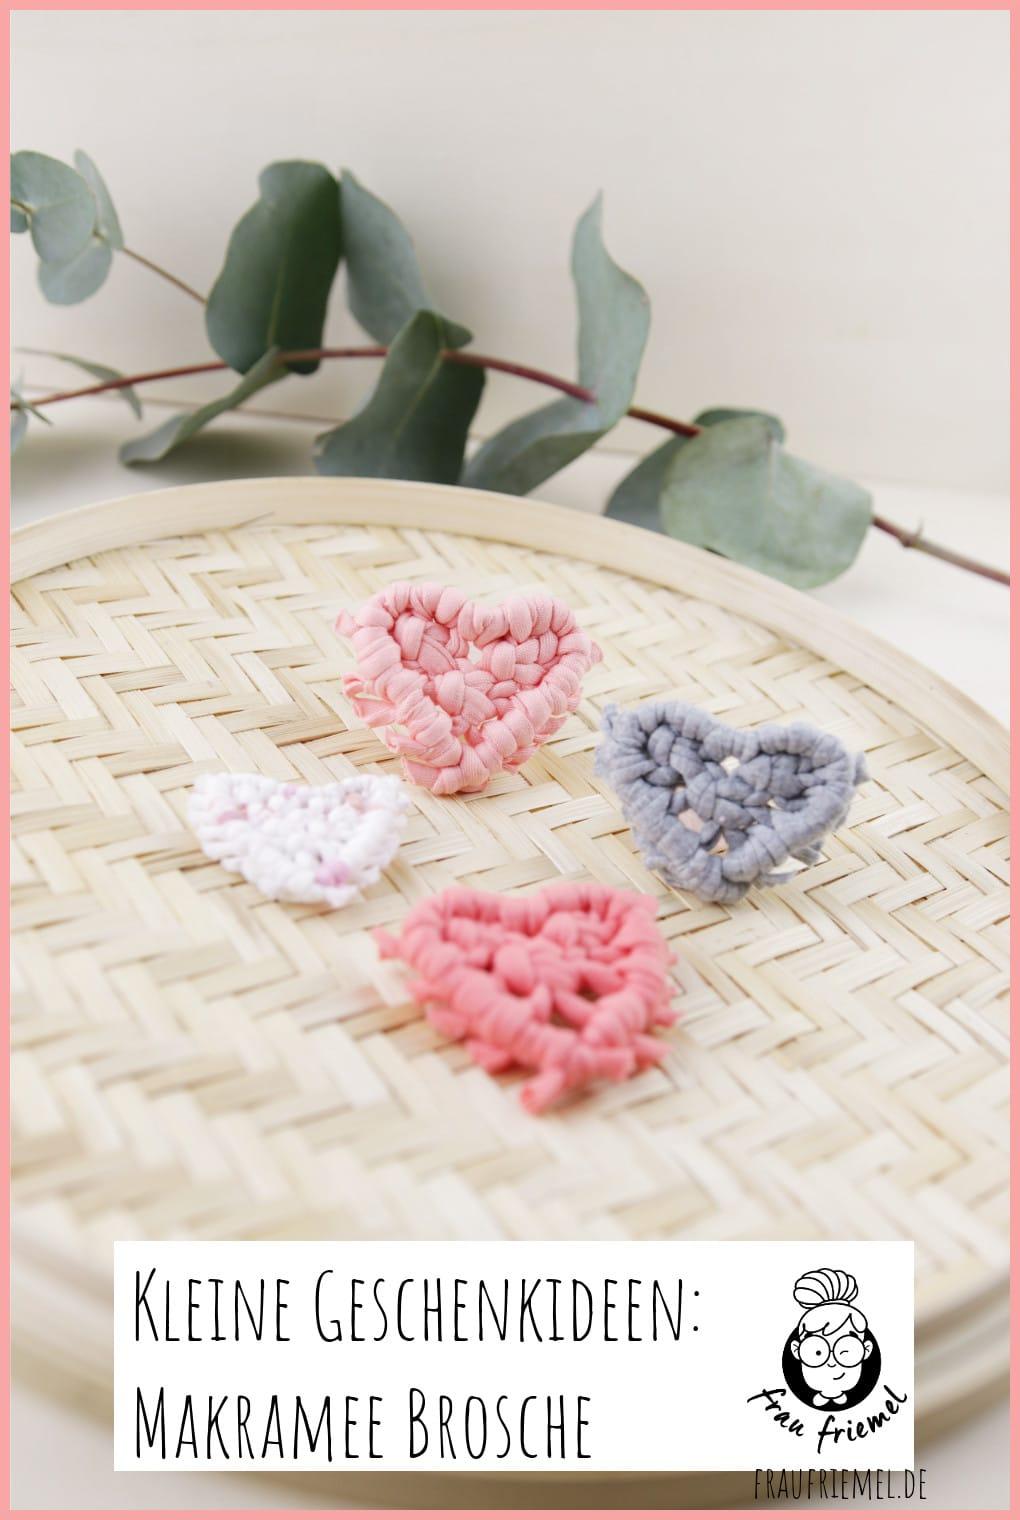 Brosche selber machen - kleine Geschenkidee für den Valentinstag auf Pinterest merken